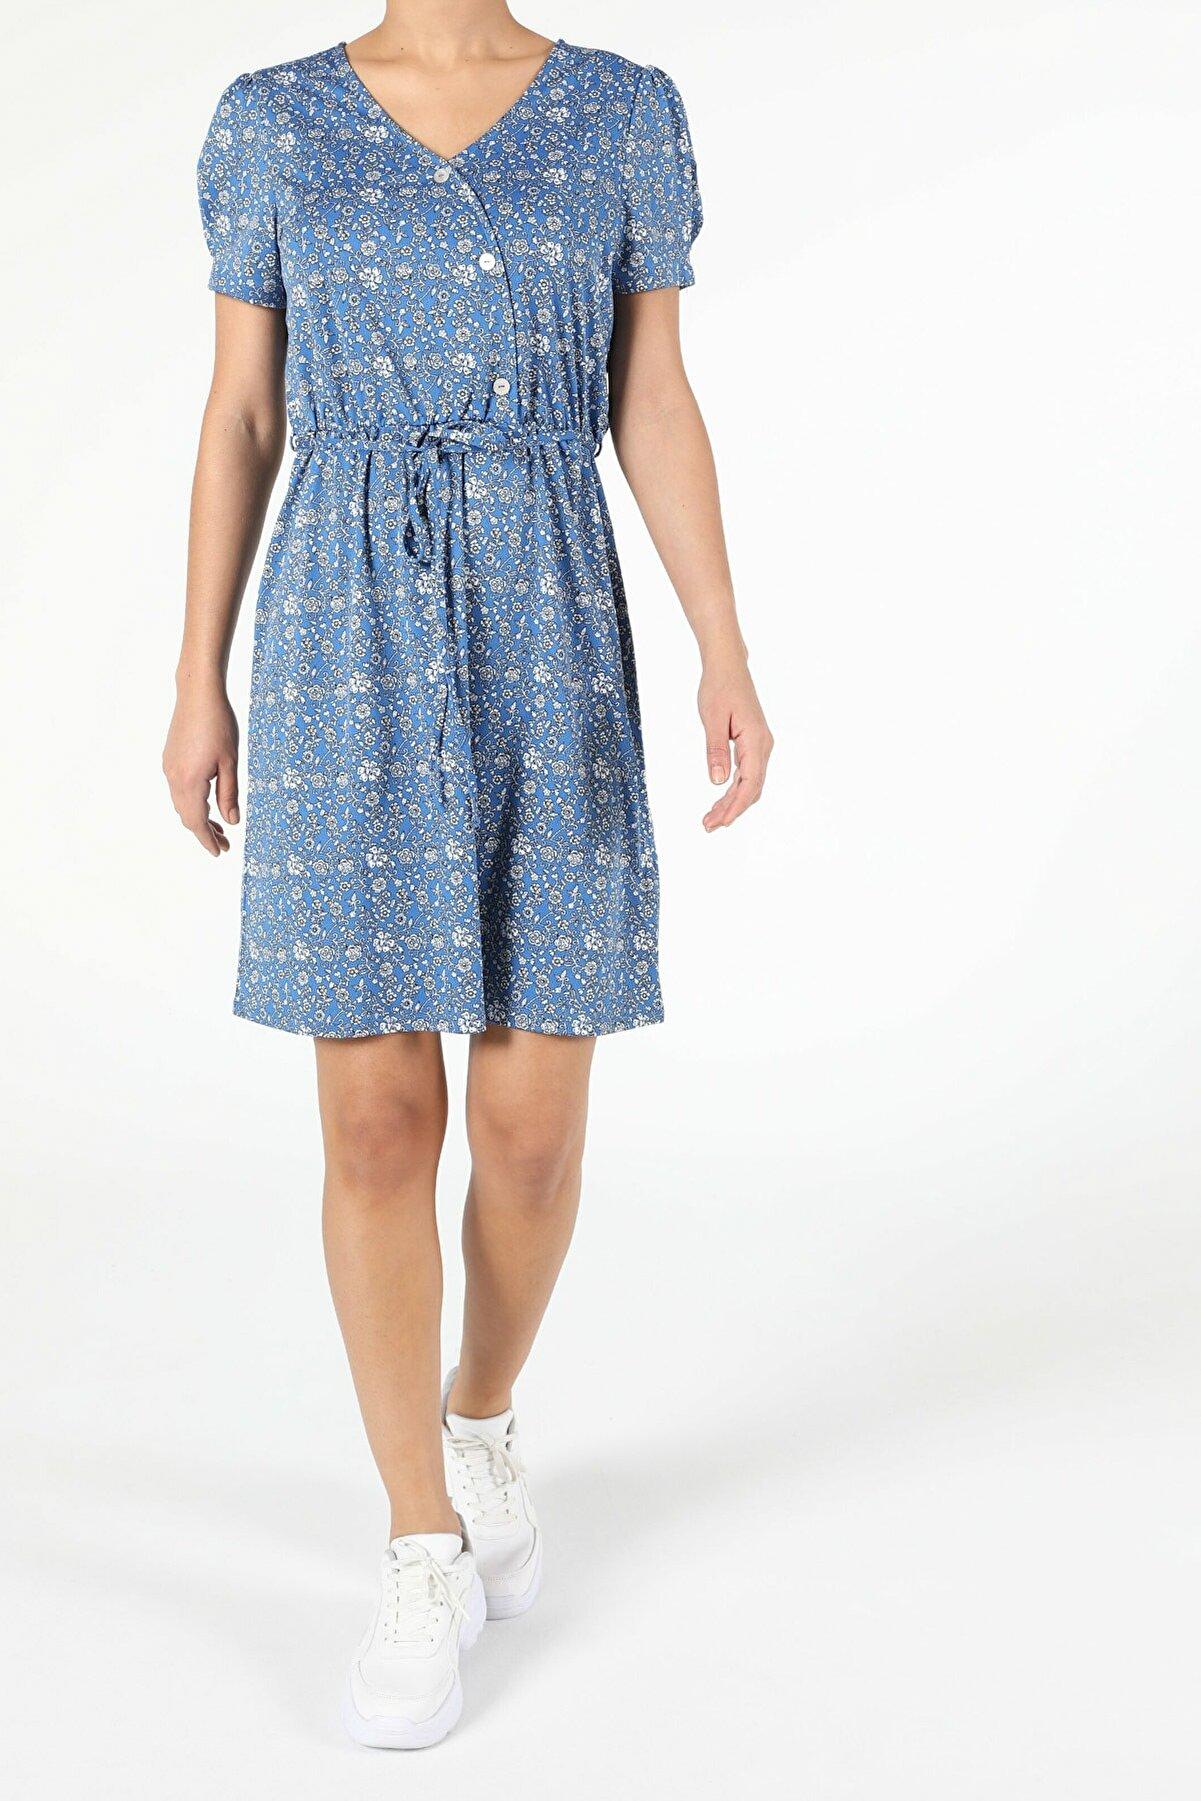 Colin's KADIN Kadın Elbise CL1053554